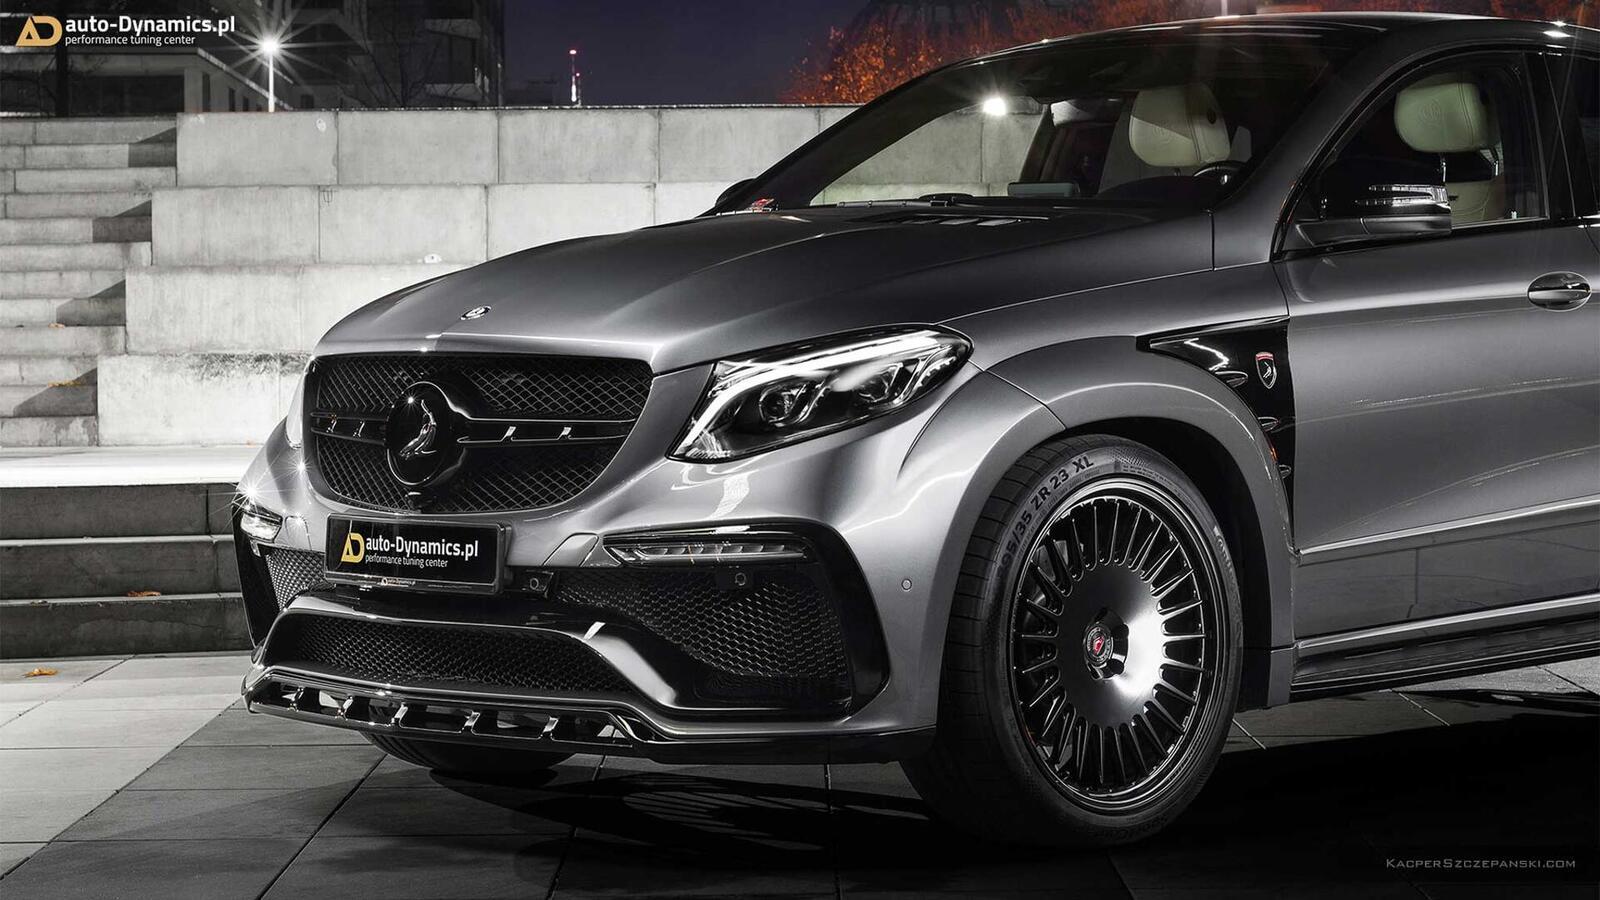 Mercedes-AMG GLE 63 S Coupe độ công suất lên 795 mã lực; tăng tốc 0-100 km/h trong 3,25 giây - Hình 8